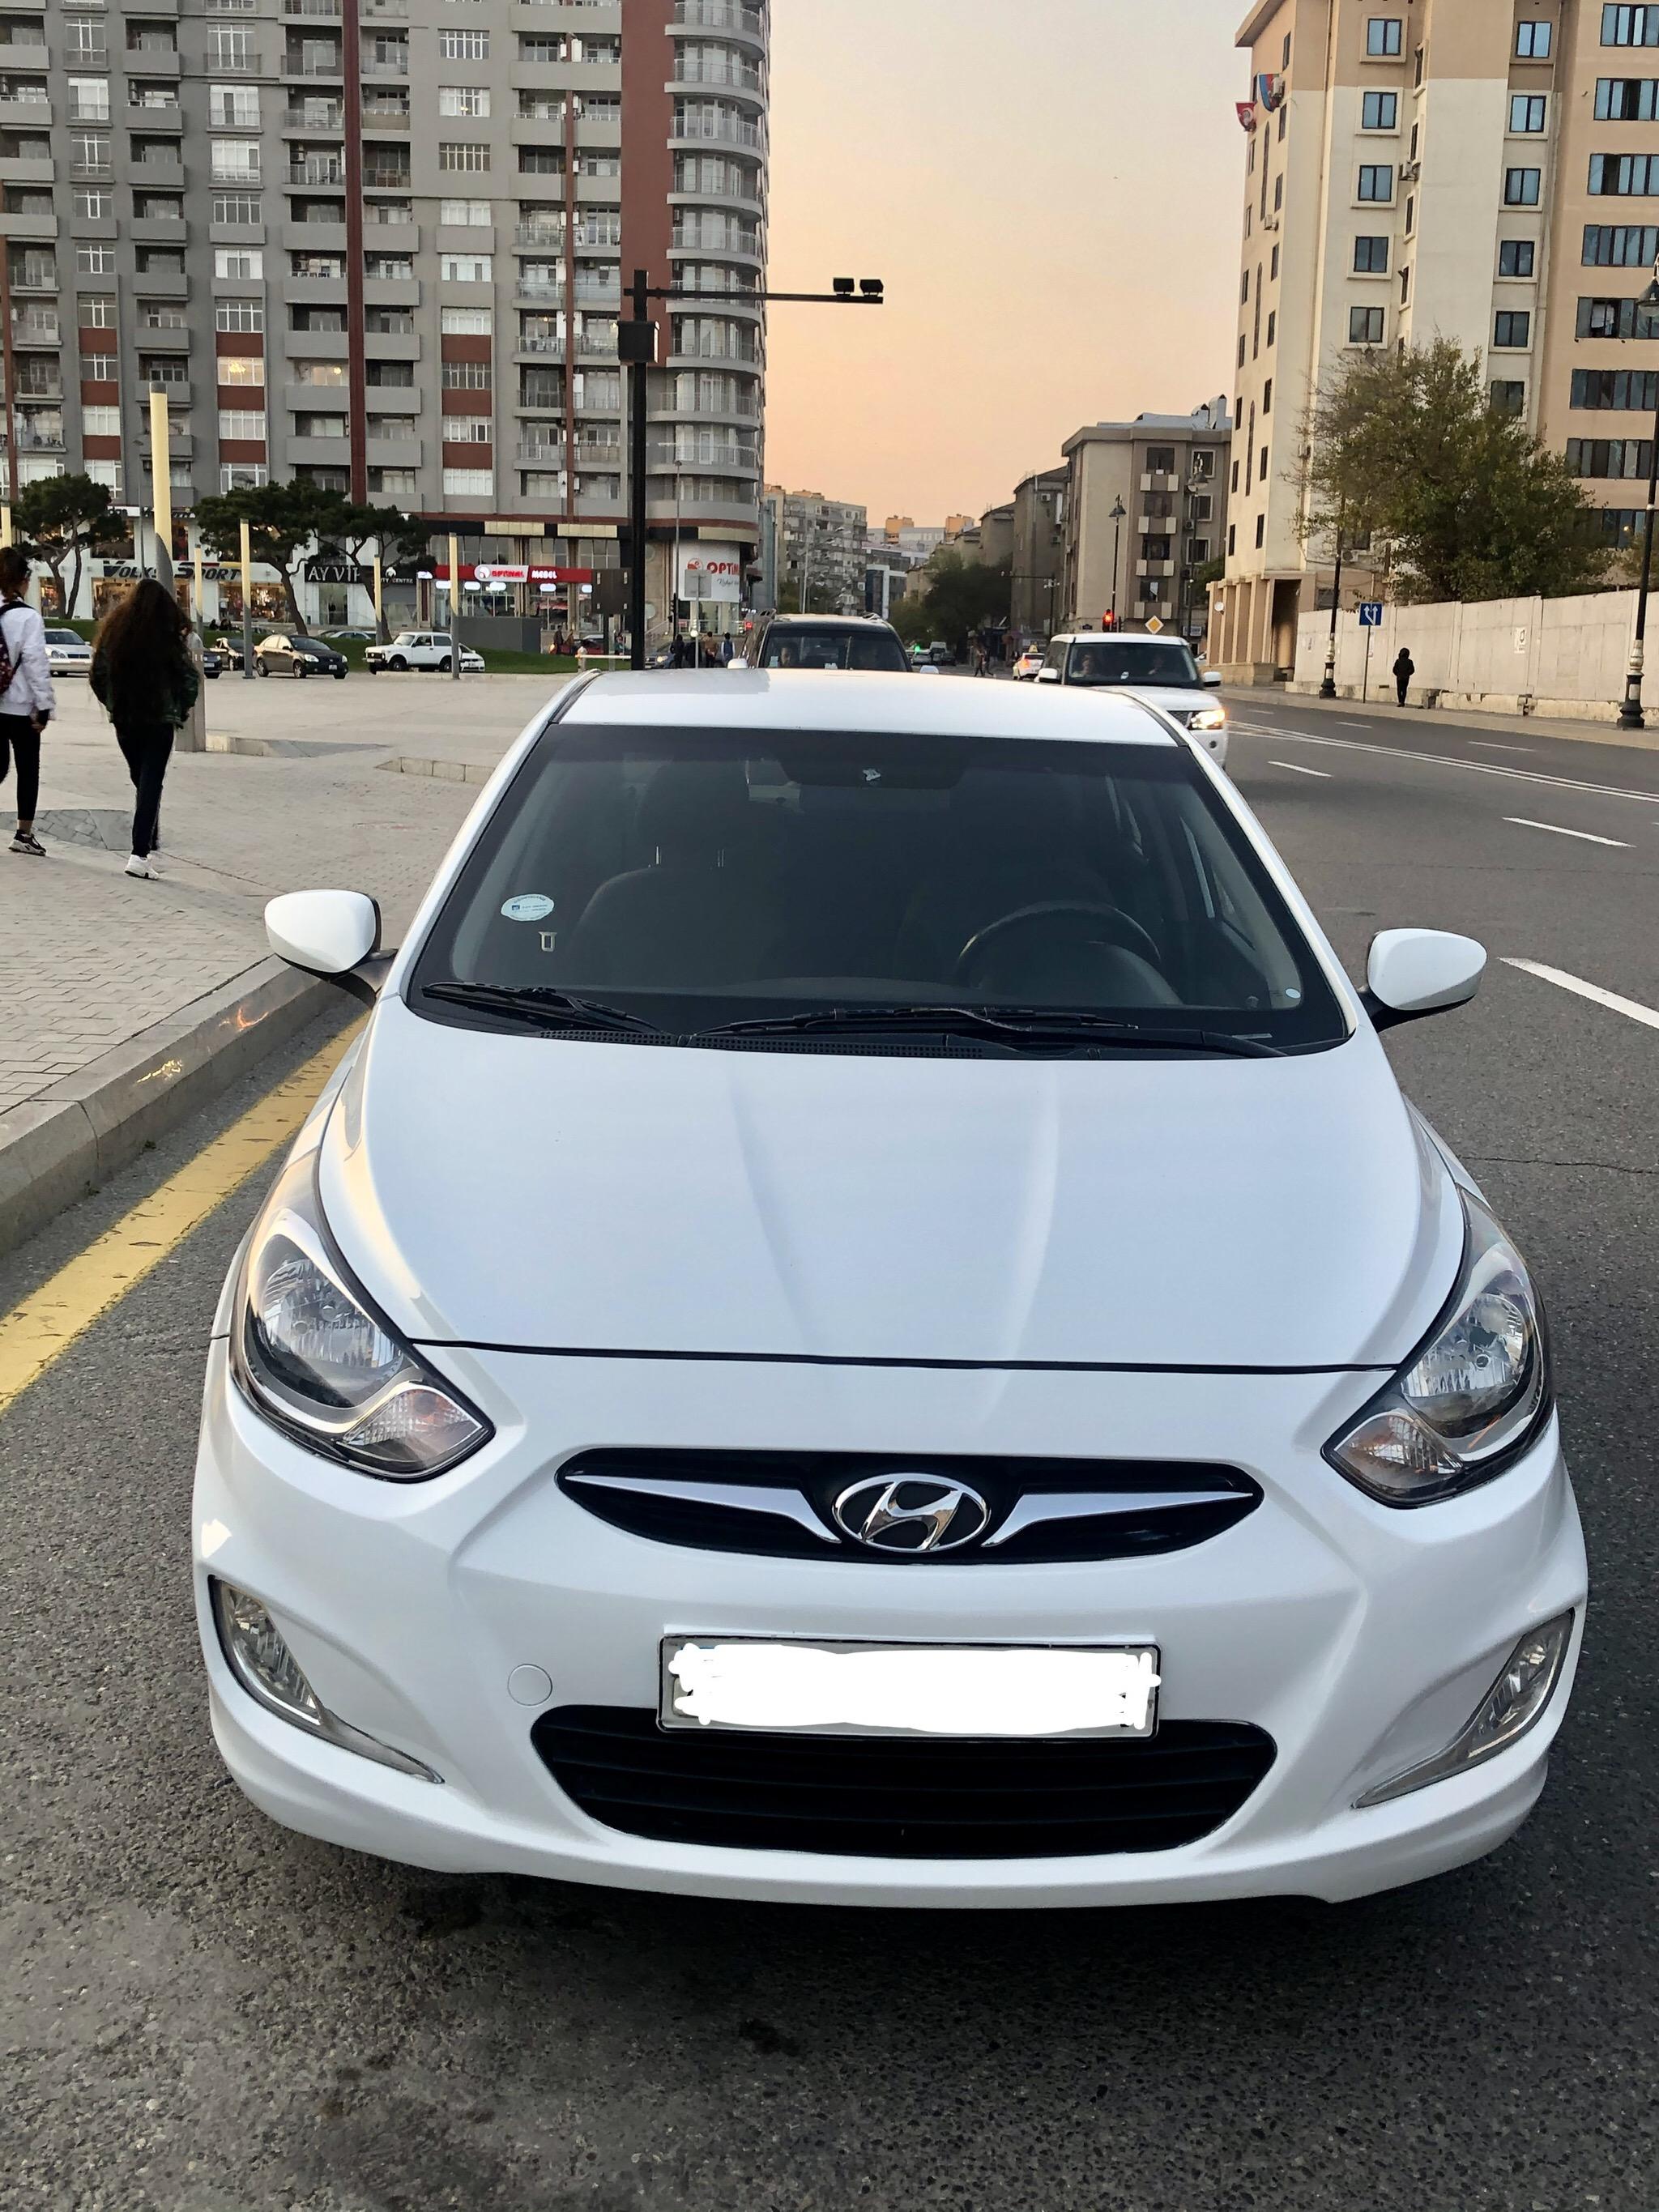 Hyundai Accent 1.6(lt) 2012 Подержанный  $9300